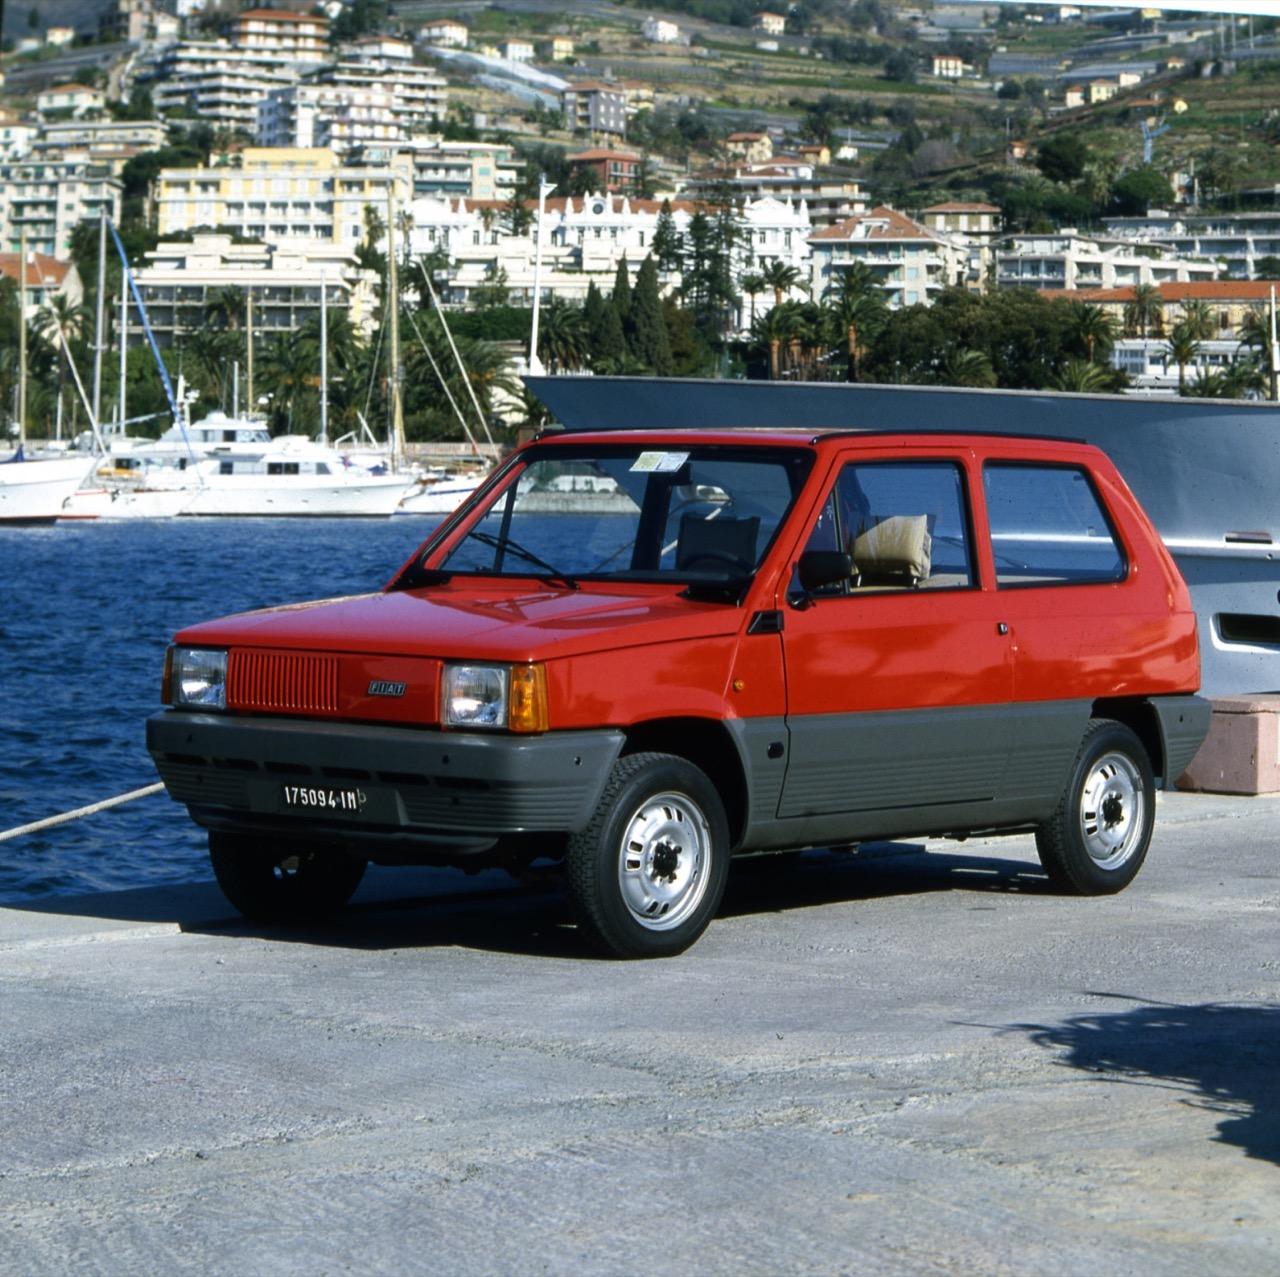 FIAT 500 e Panda - Triennale Design Museum - 2/7 Panda 500